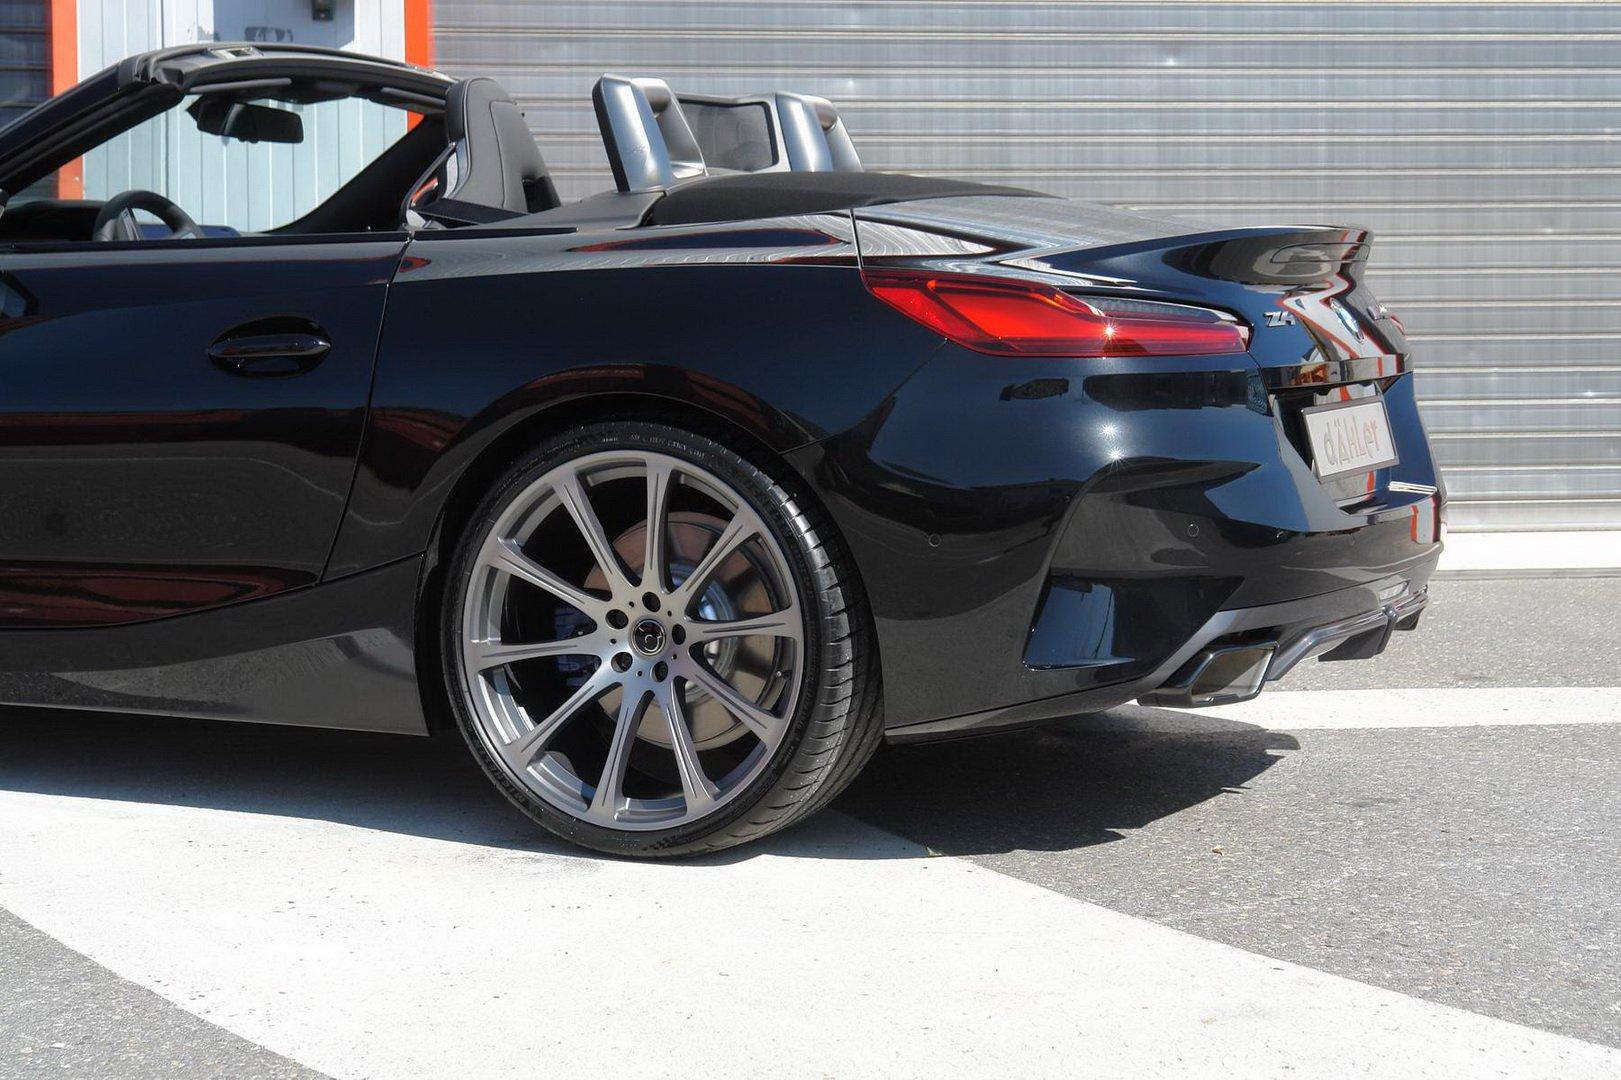 BMW-Z4-by-Dahler-18